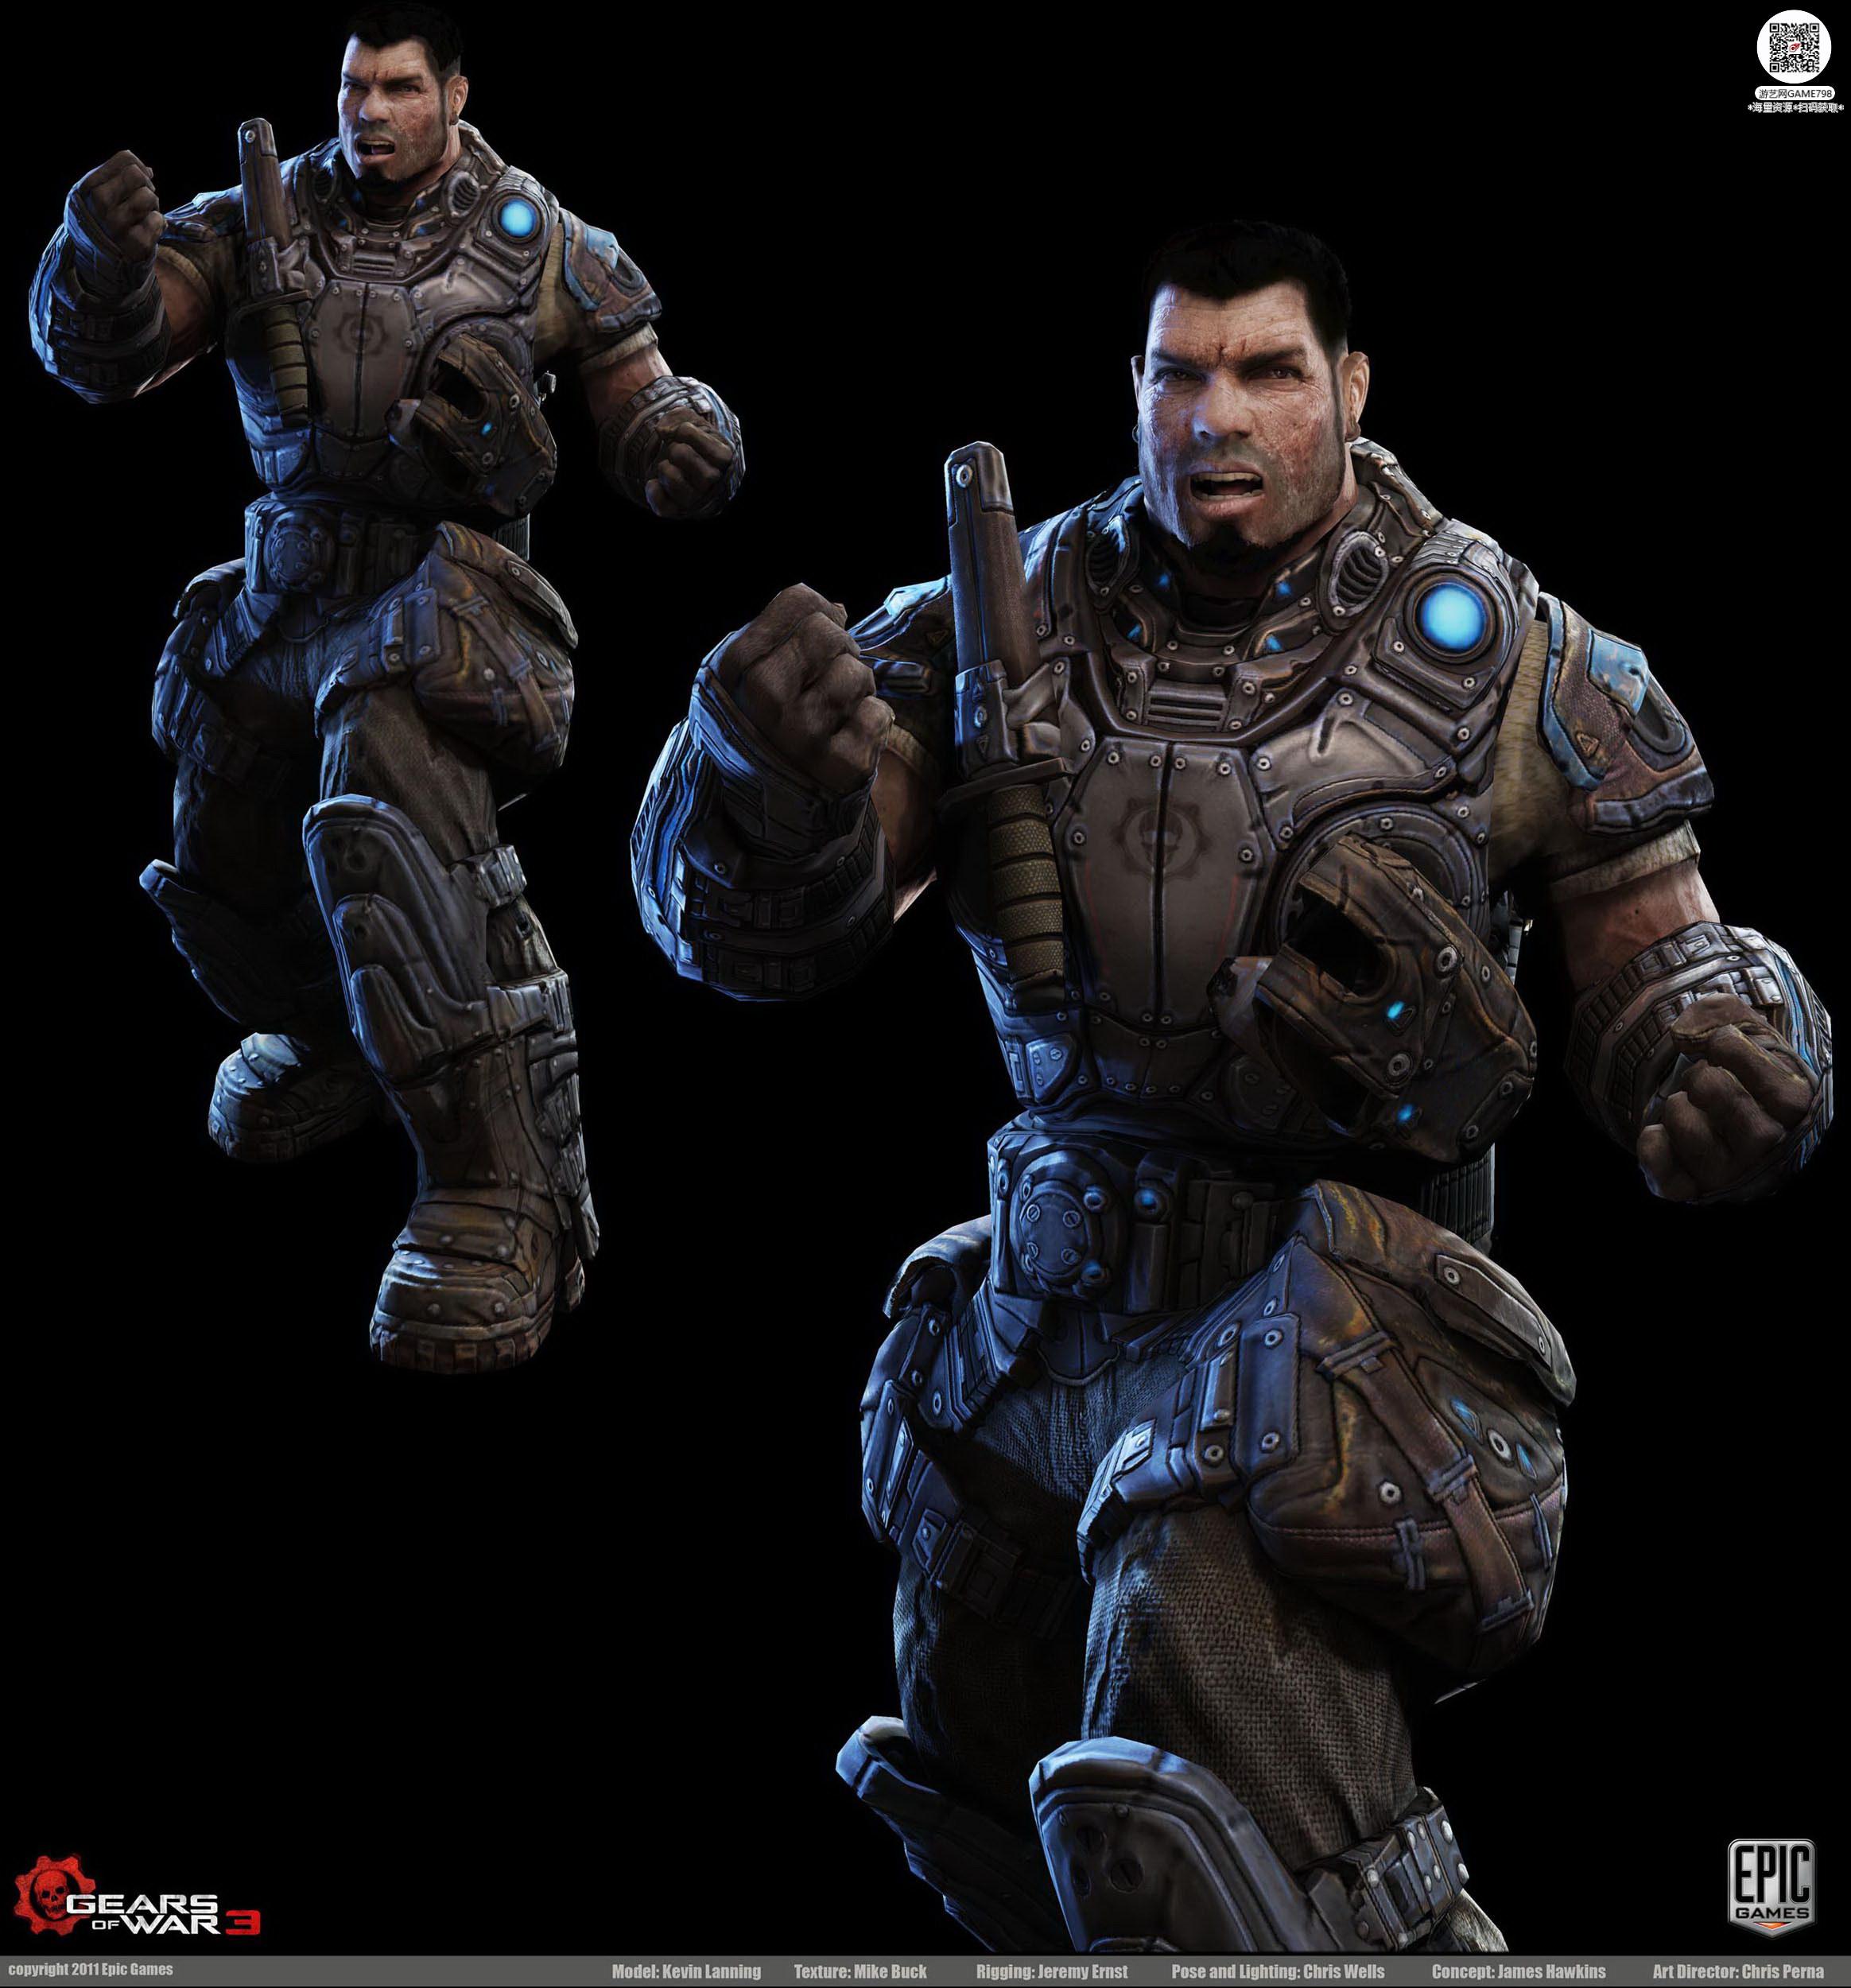 038_关注-游艺网GAME798海量资源下载【战争机器3|3D角色】经典角色设定.jpg